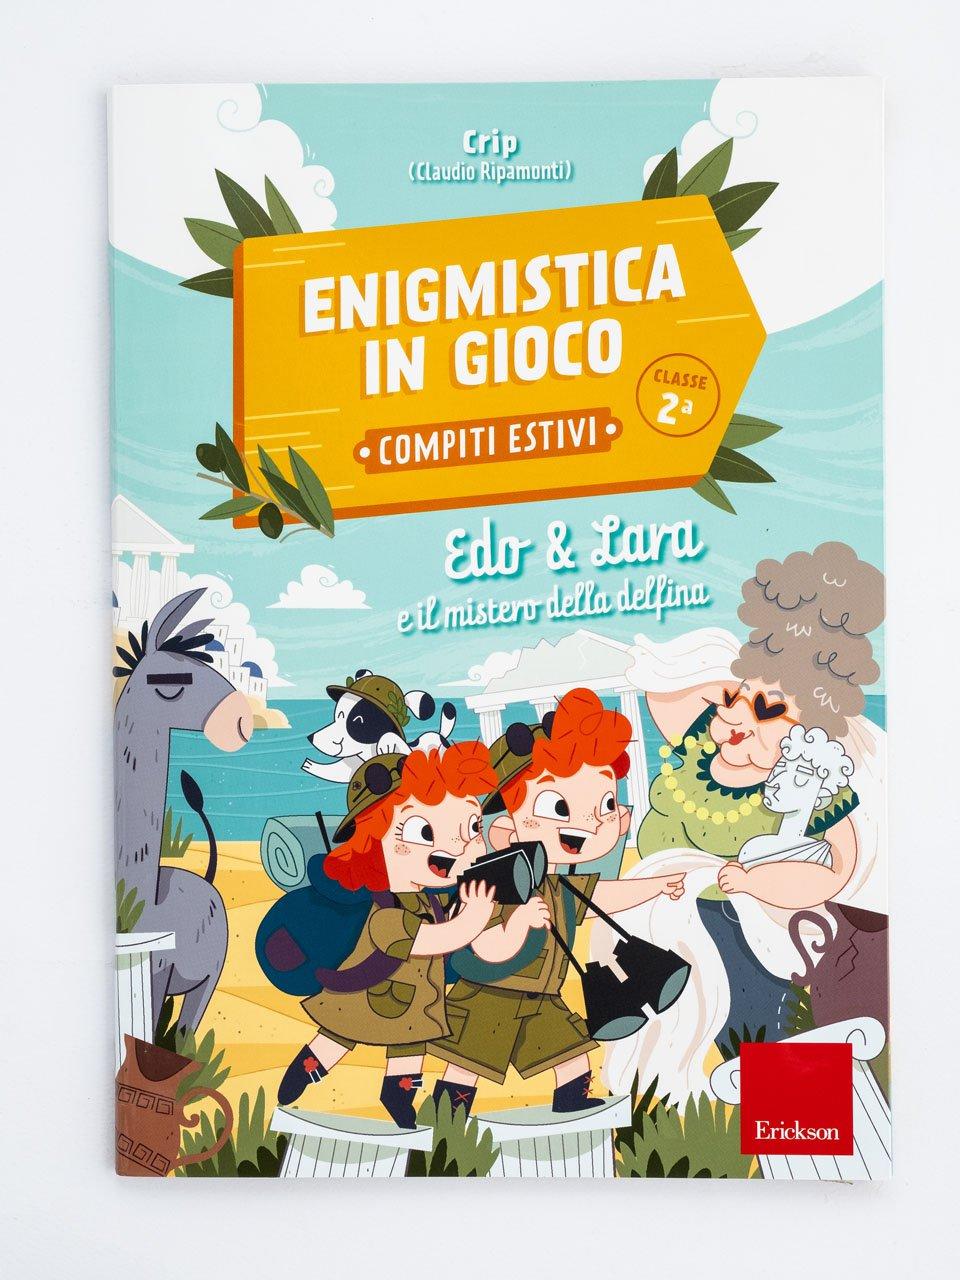 Enigmistica in gioco -  Compiti estivi - Classe seconda - Le proposte Erickson per i compiti-delle-vacanze - Erickson